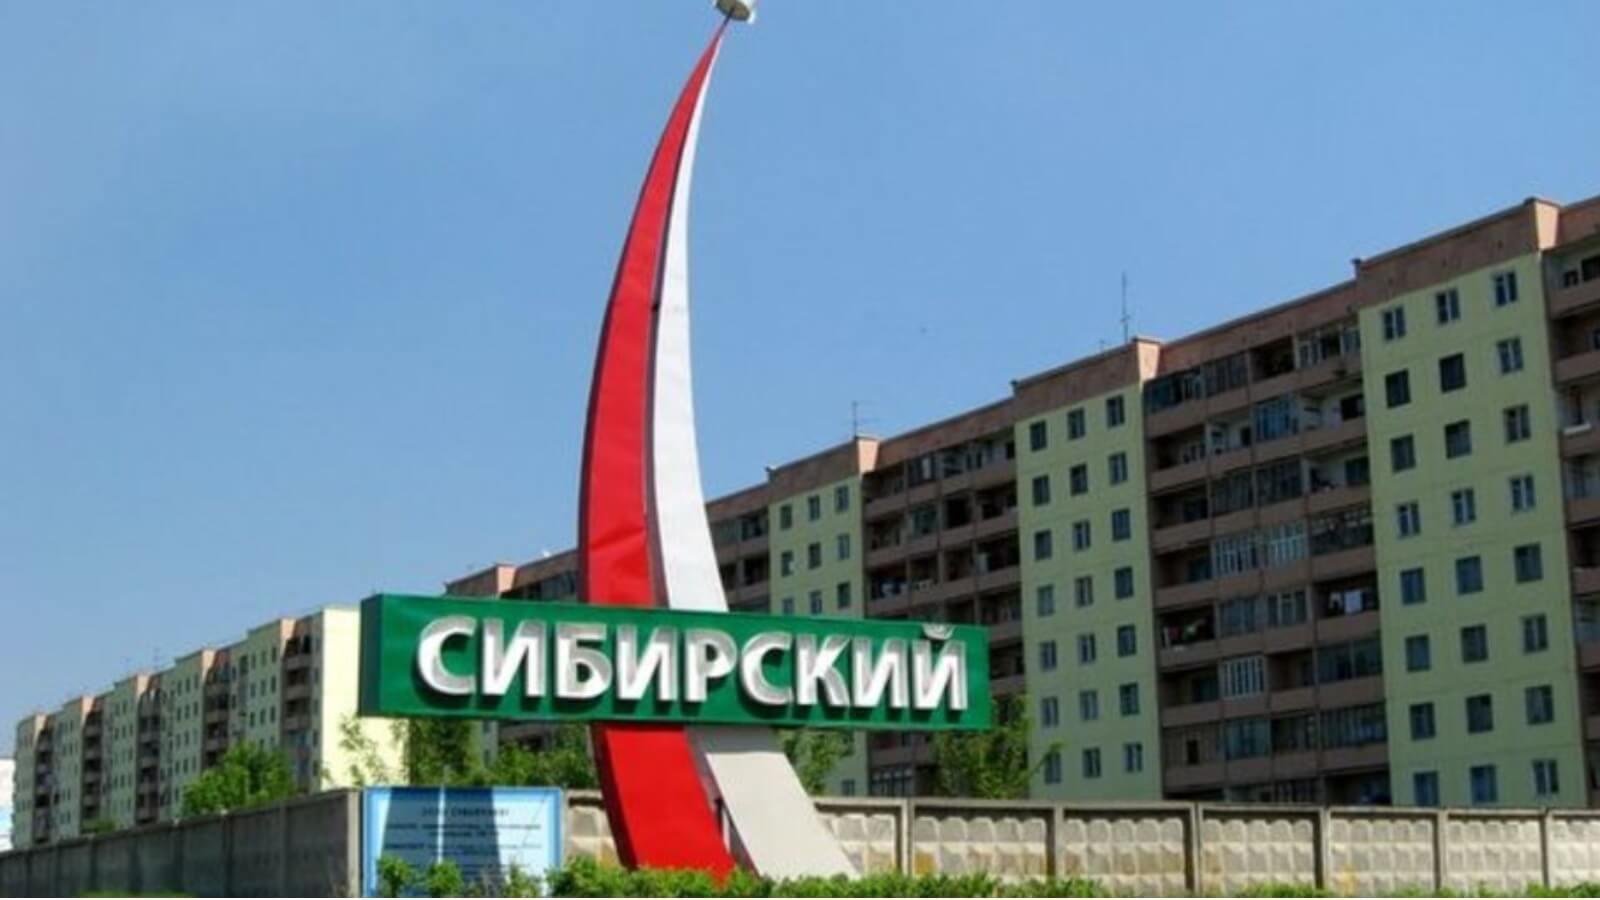 фото ФСБ проводит обыски: сотрудники спецслужб пришли в администрацию закрытого города в Алтайском крае 2